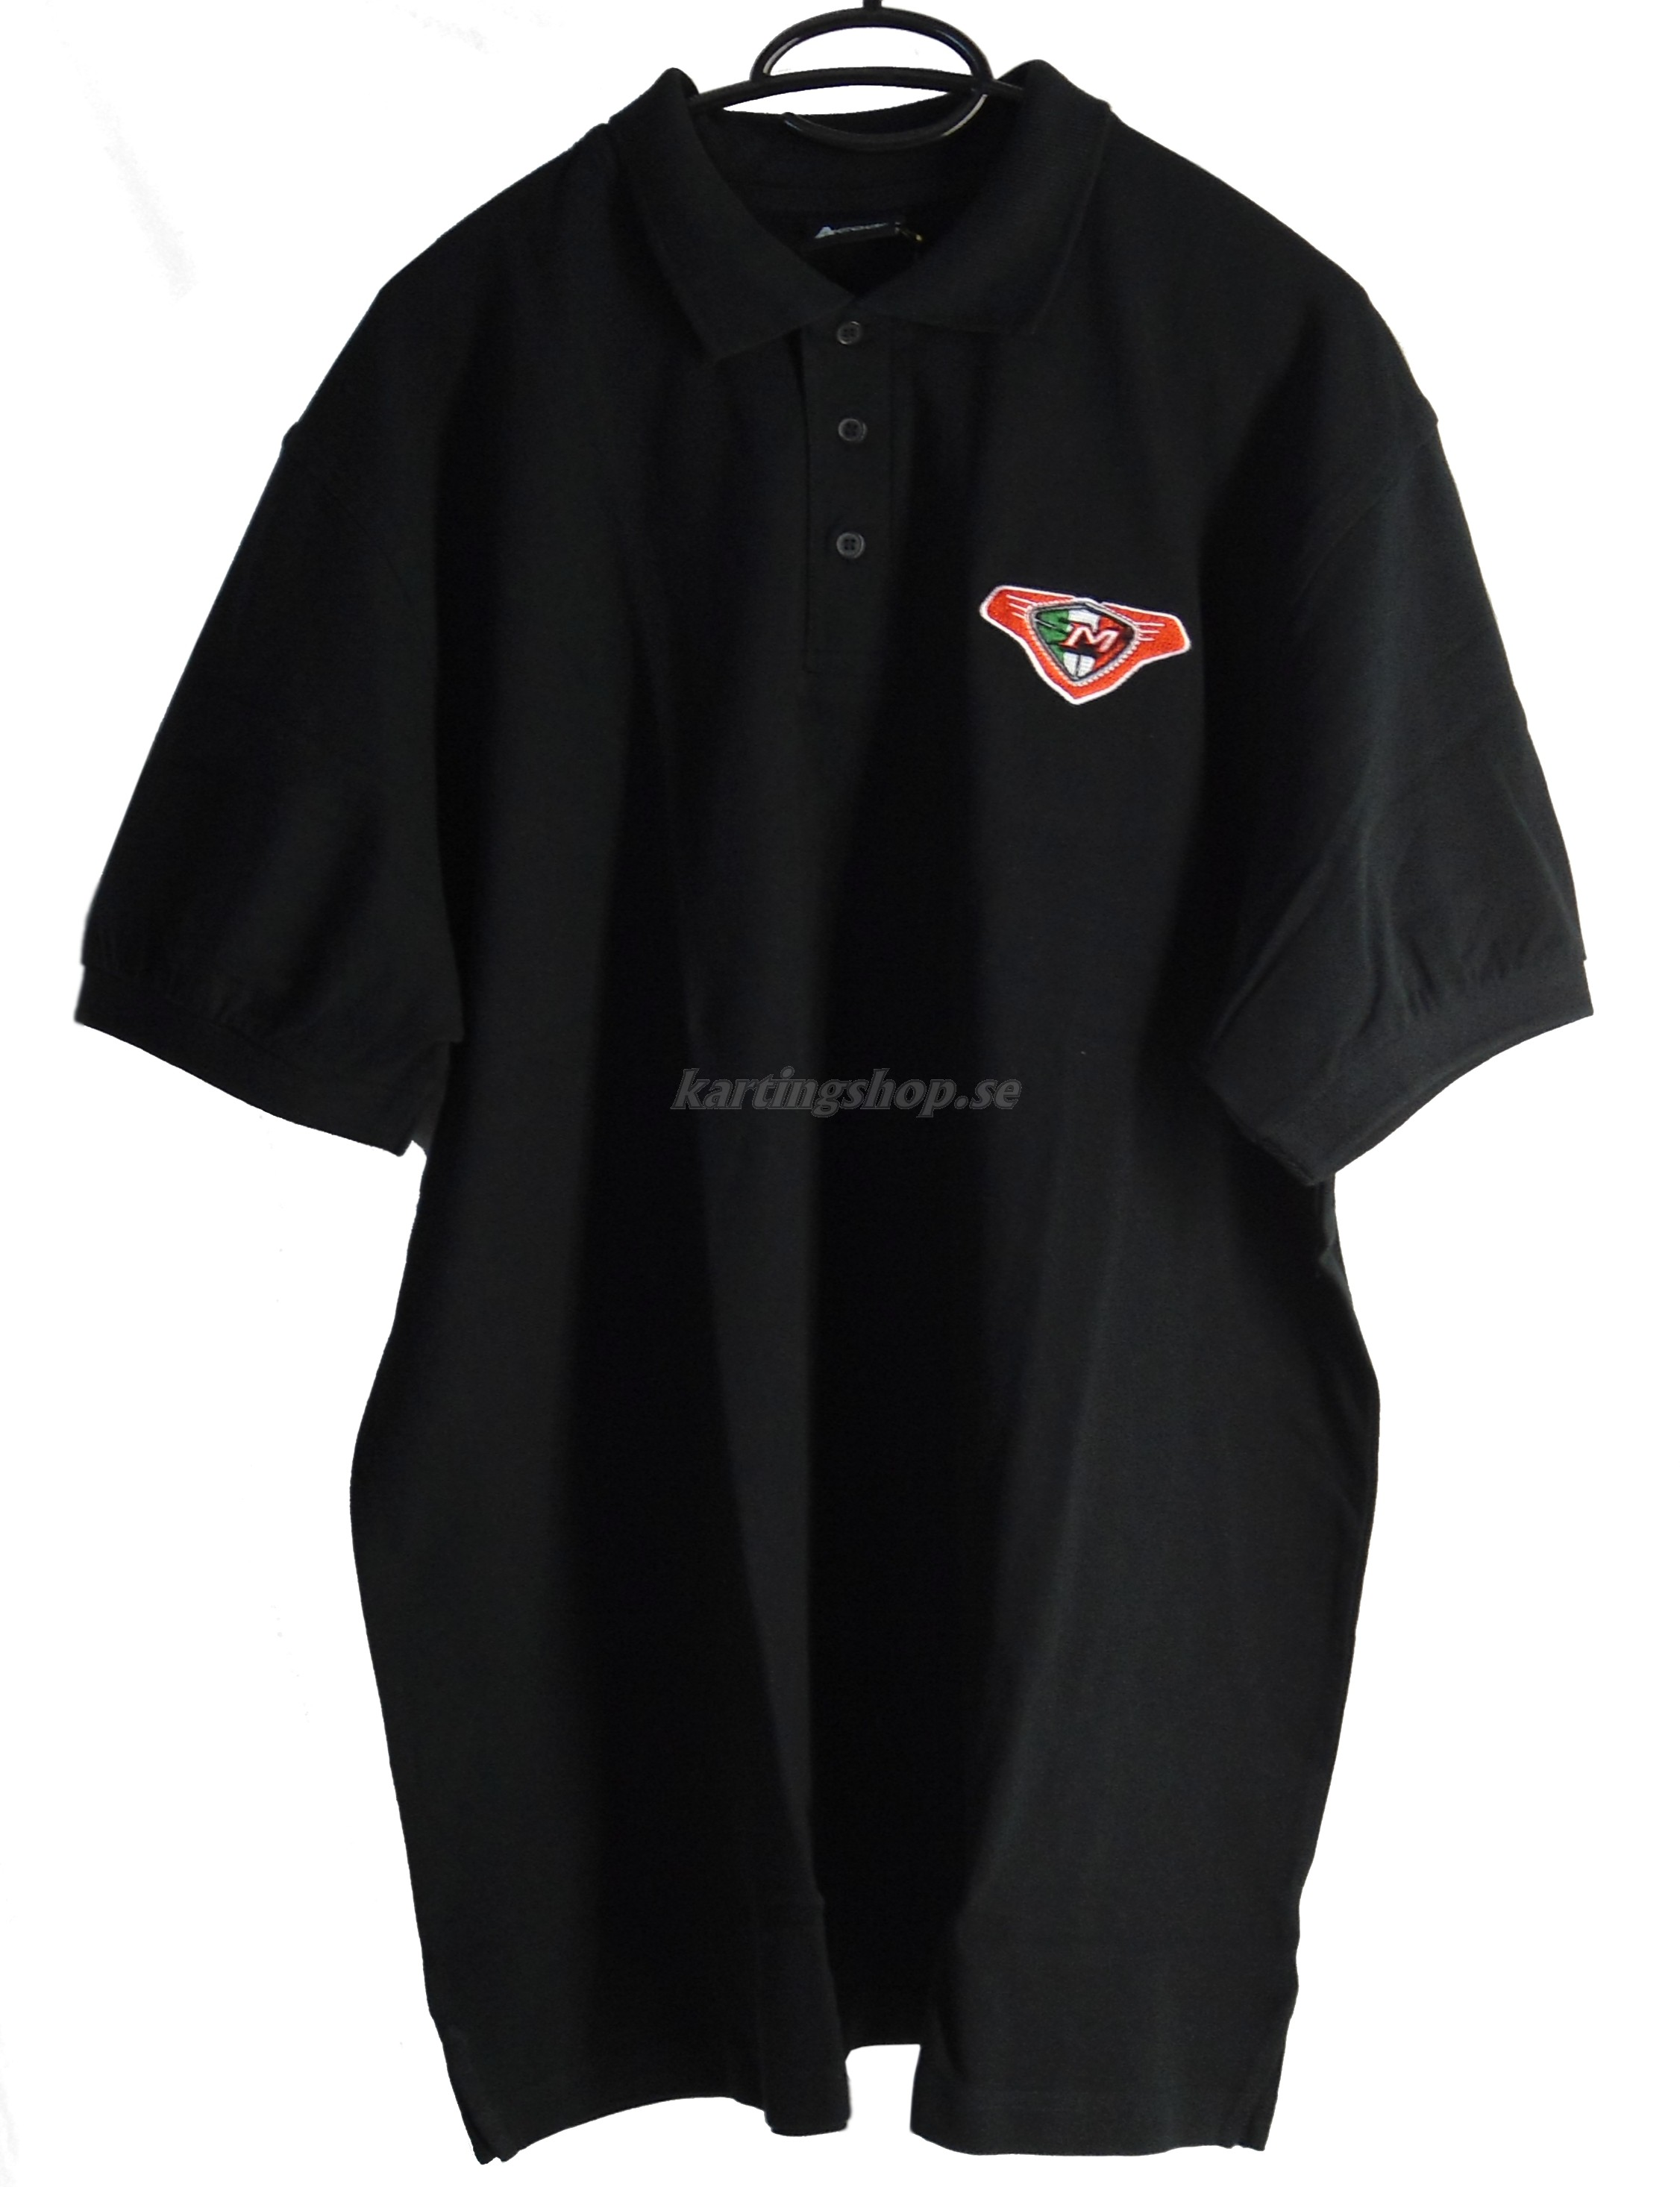 Maranello Pikétröja svart